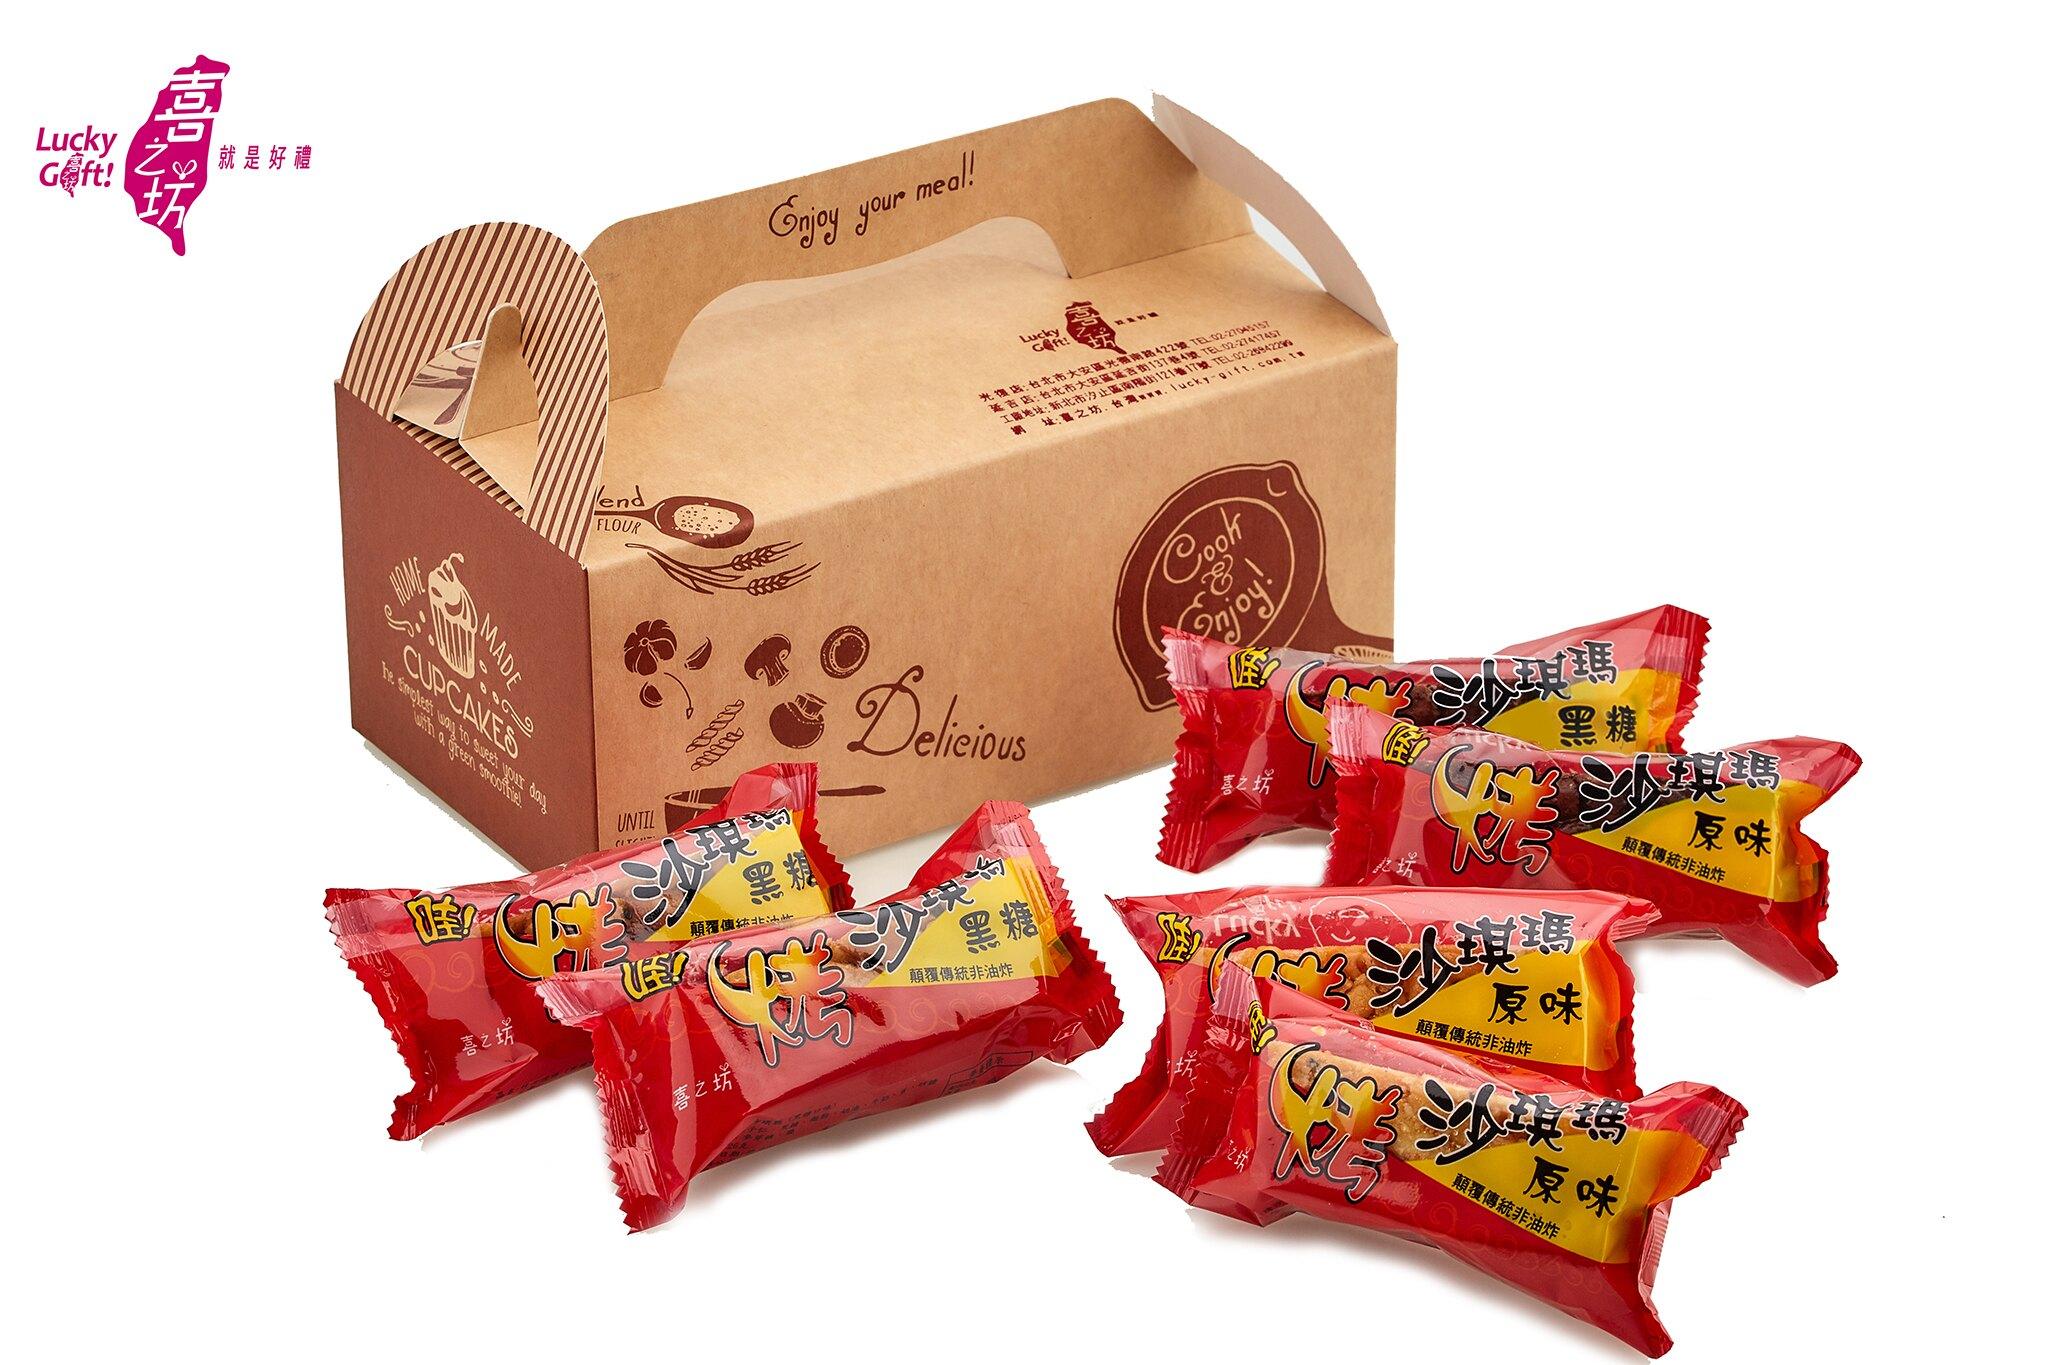 【喜之坊】健康輕食烤沙琪瑪(12入)巧克力★ 非由炸品 熱量低 下午茶點心